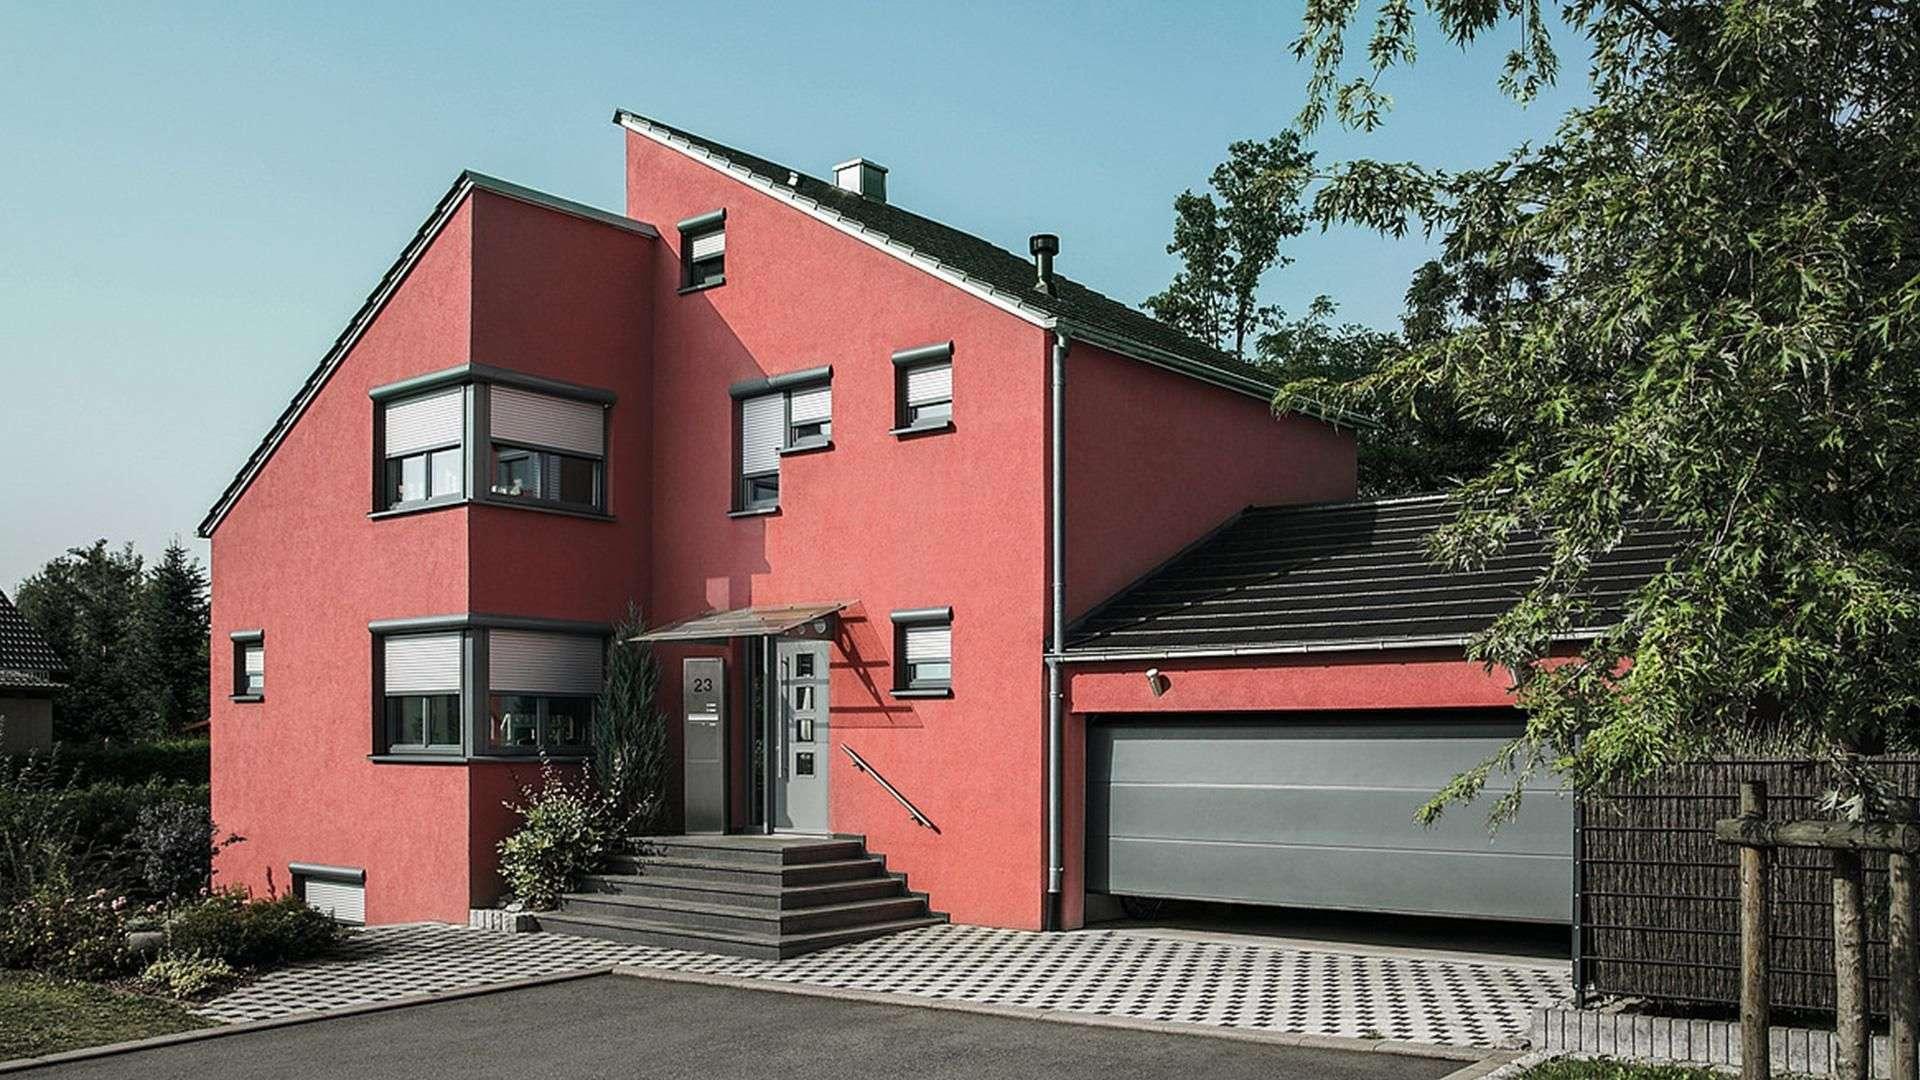 rotes Wohnhaus mit zwei Pultdächern, Garagentor und Beschattung vor den Fenstern